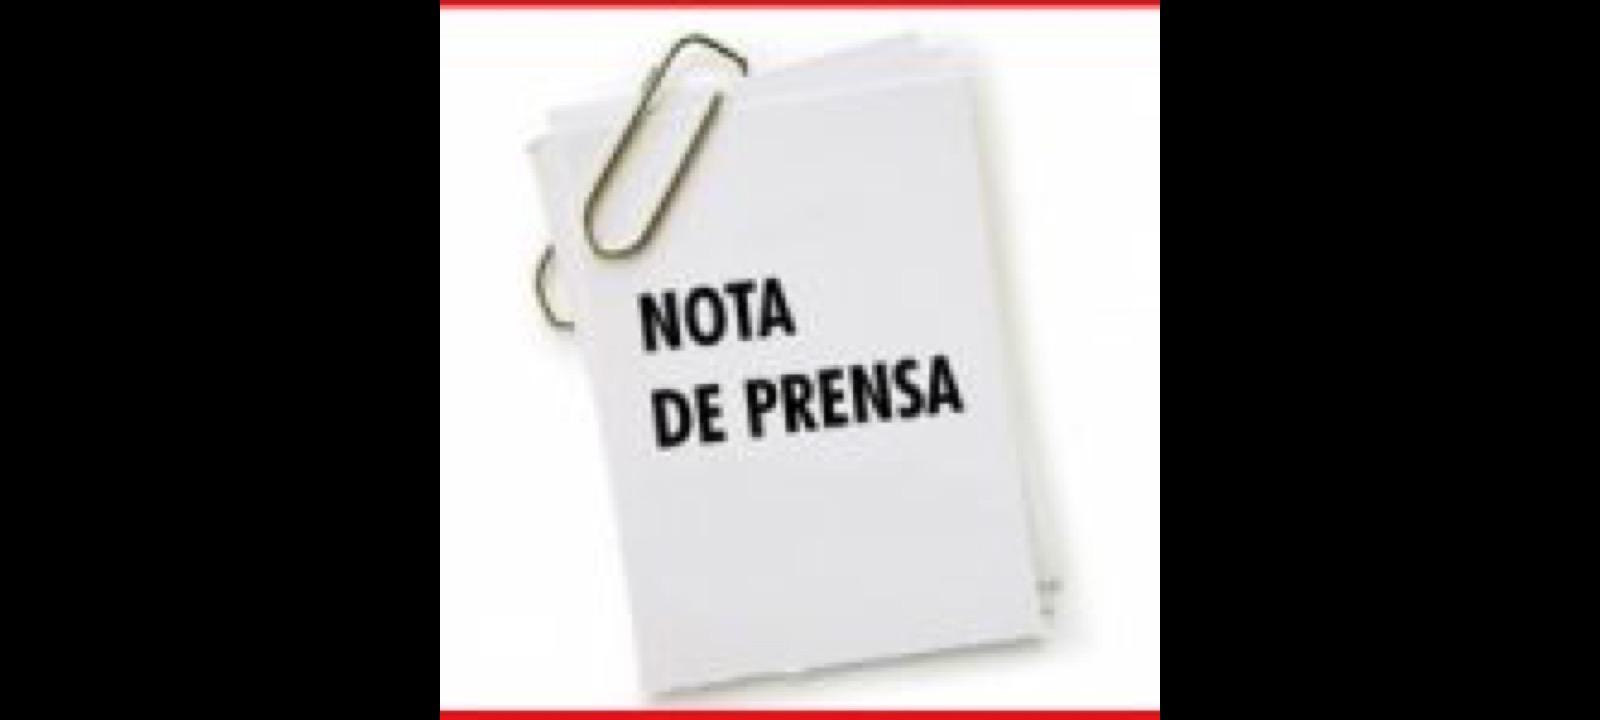 FeSP UGT CLM Ppide invertir en empleo público en Talavera para dinamizar la economía de la zona y reducir el paro